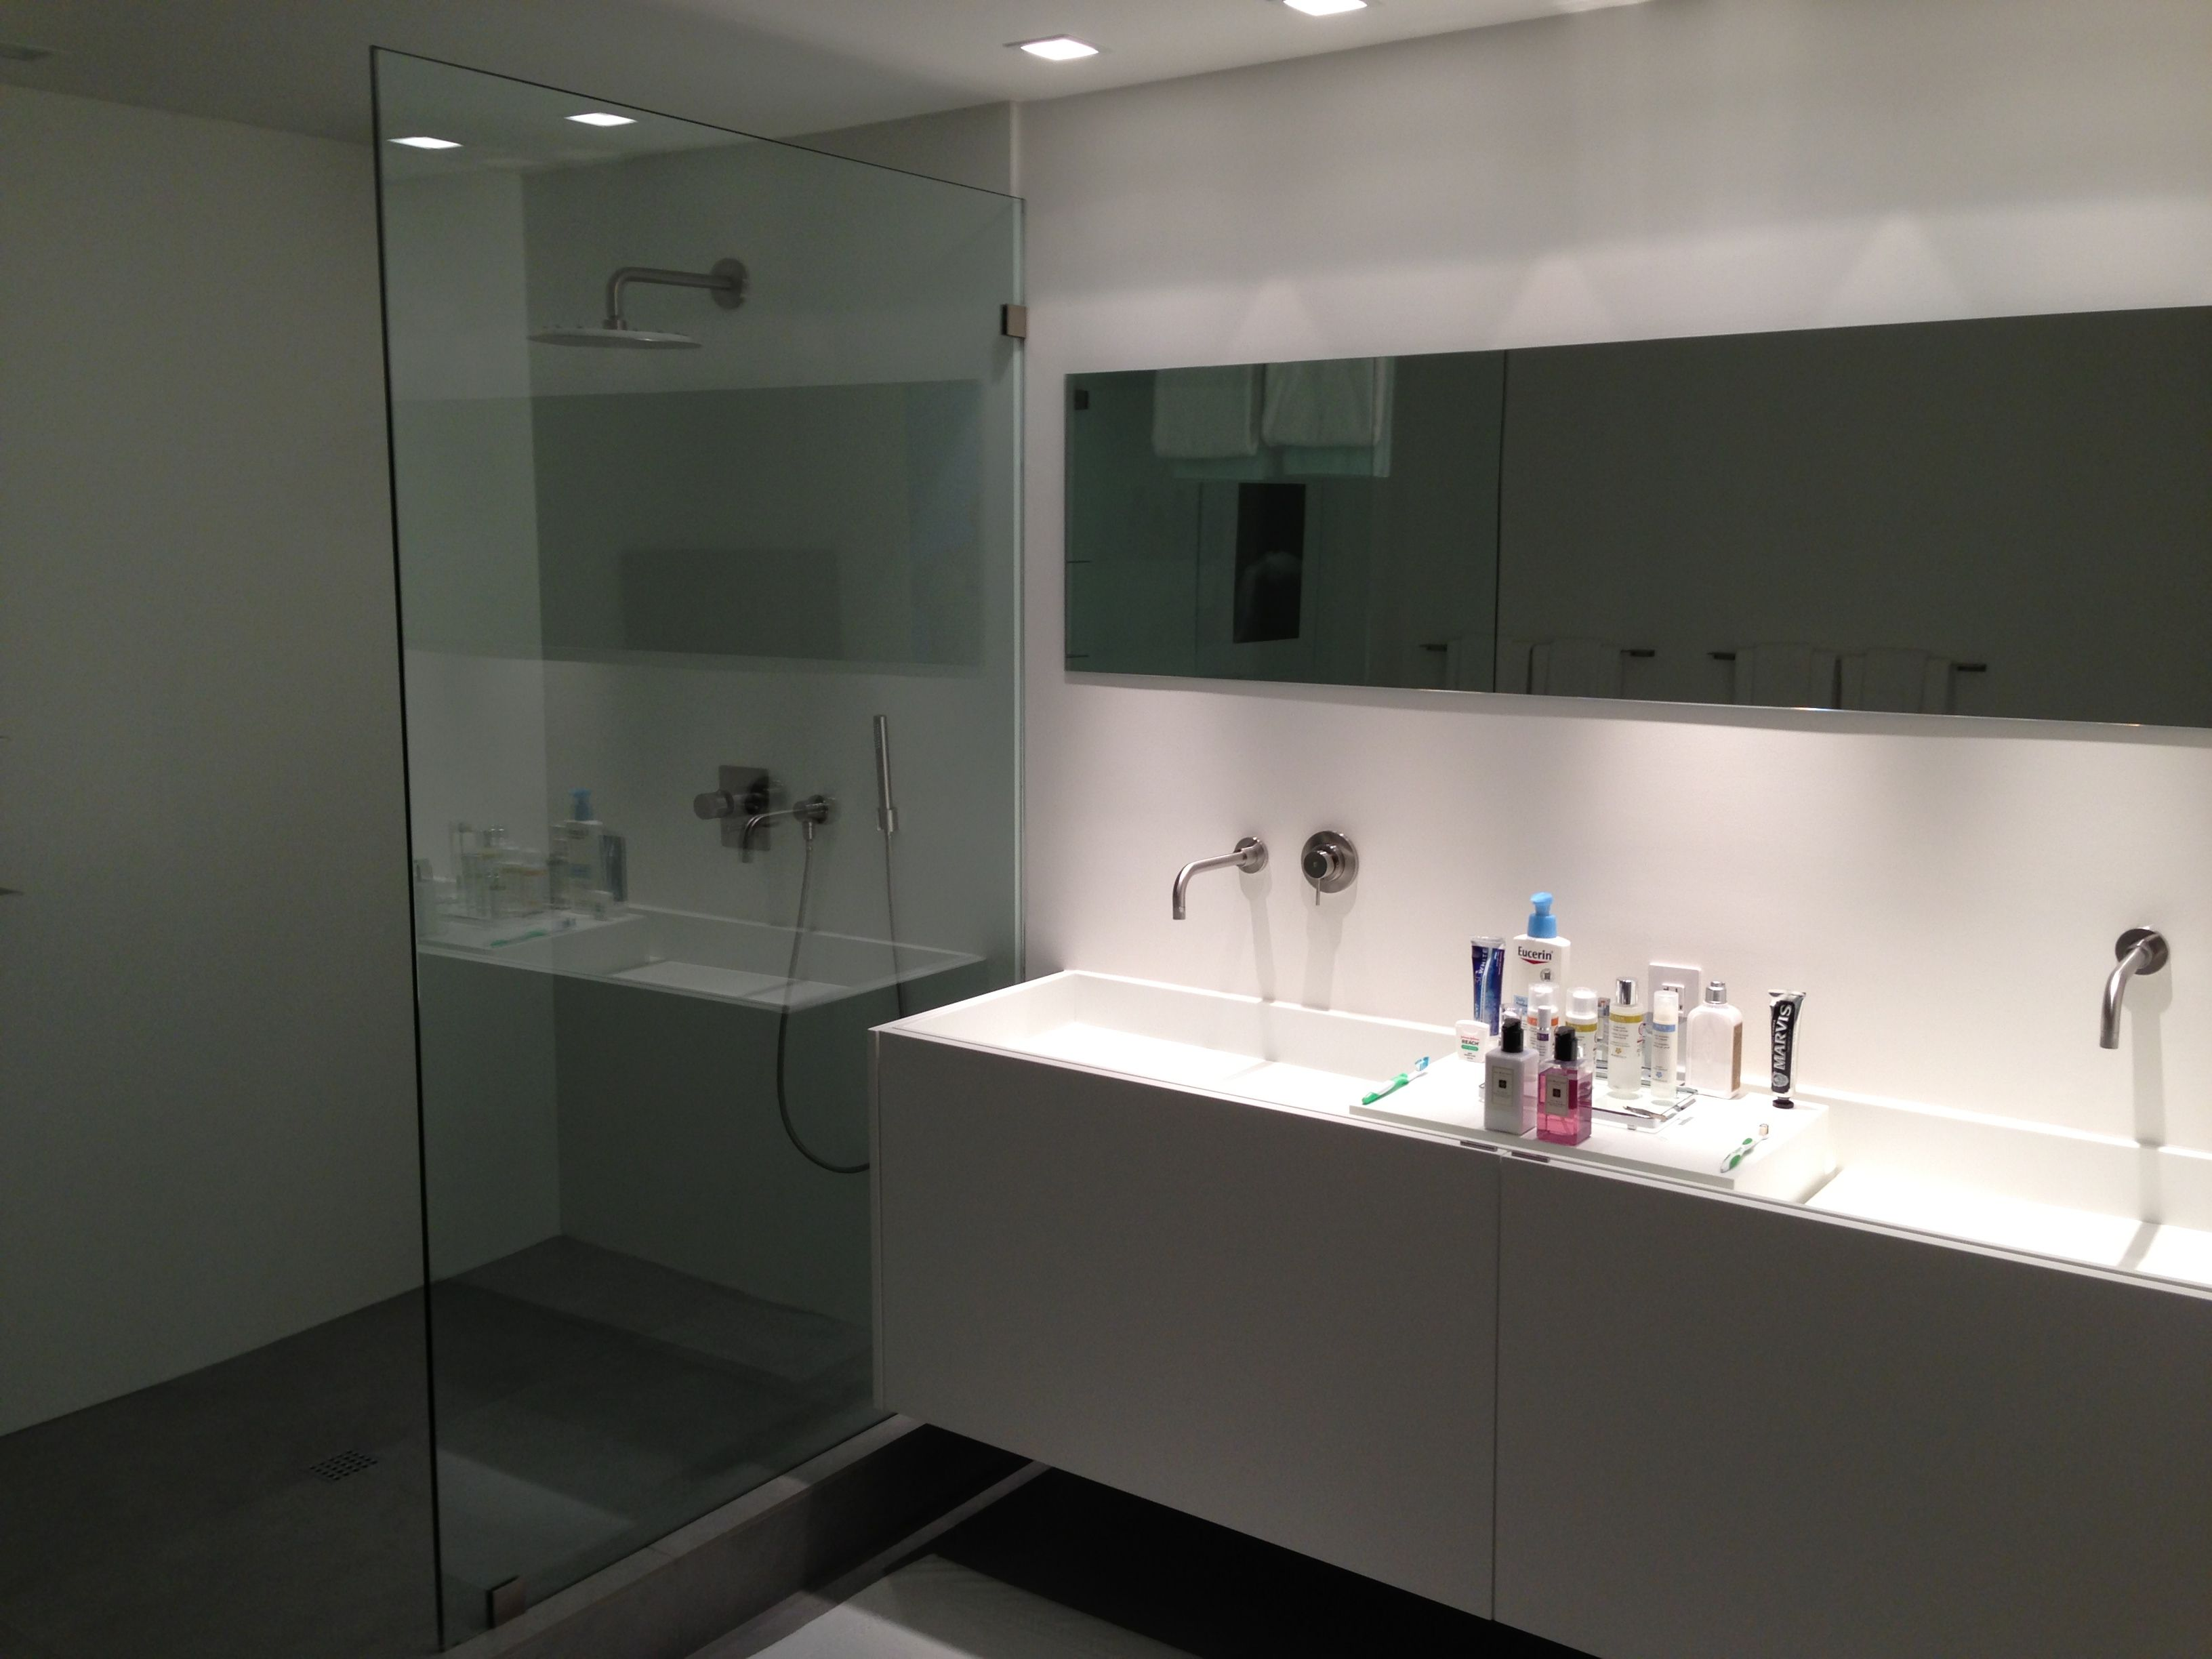 Reece Bathroom Cabinets Reece Bathrooms Cibo Tasca 1500 Wall Hung Vanity Bathroom